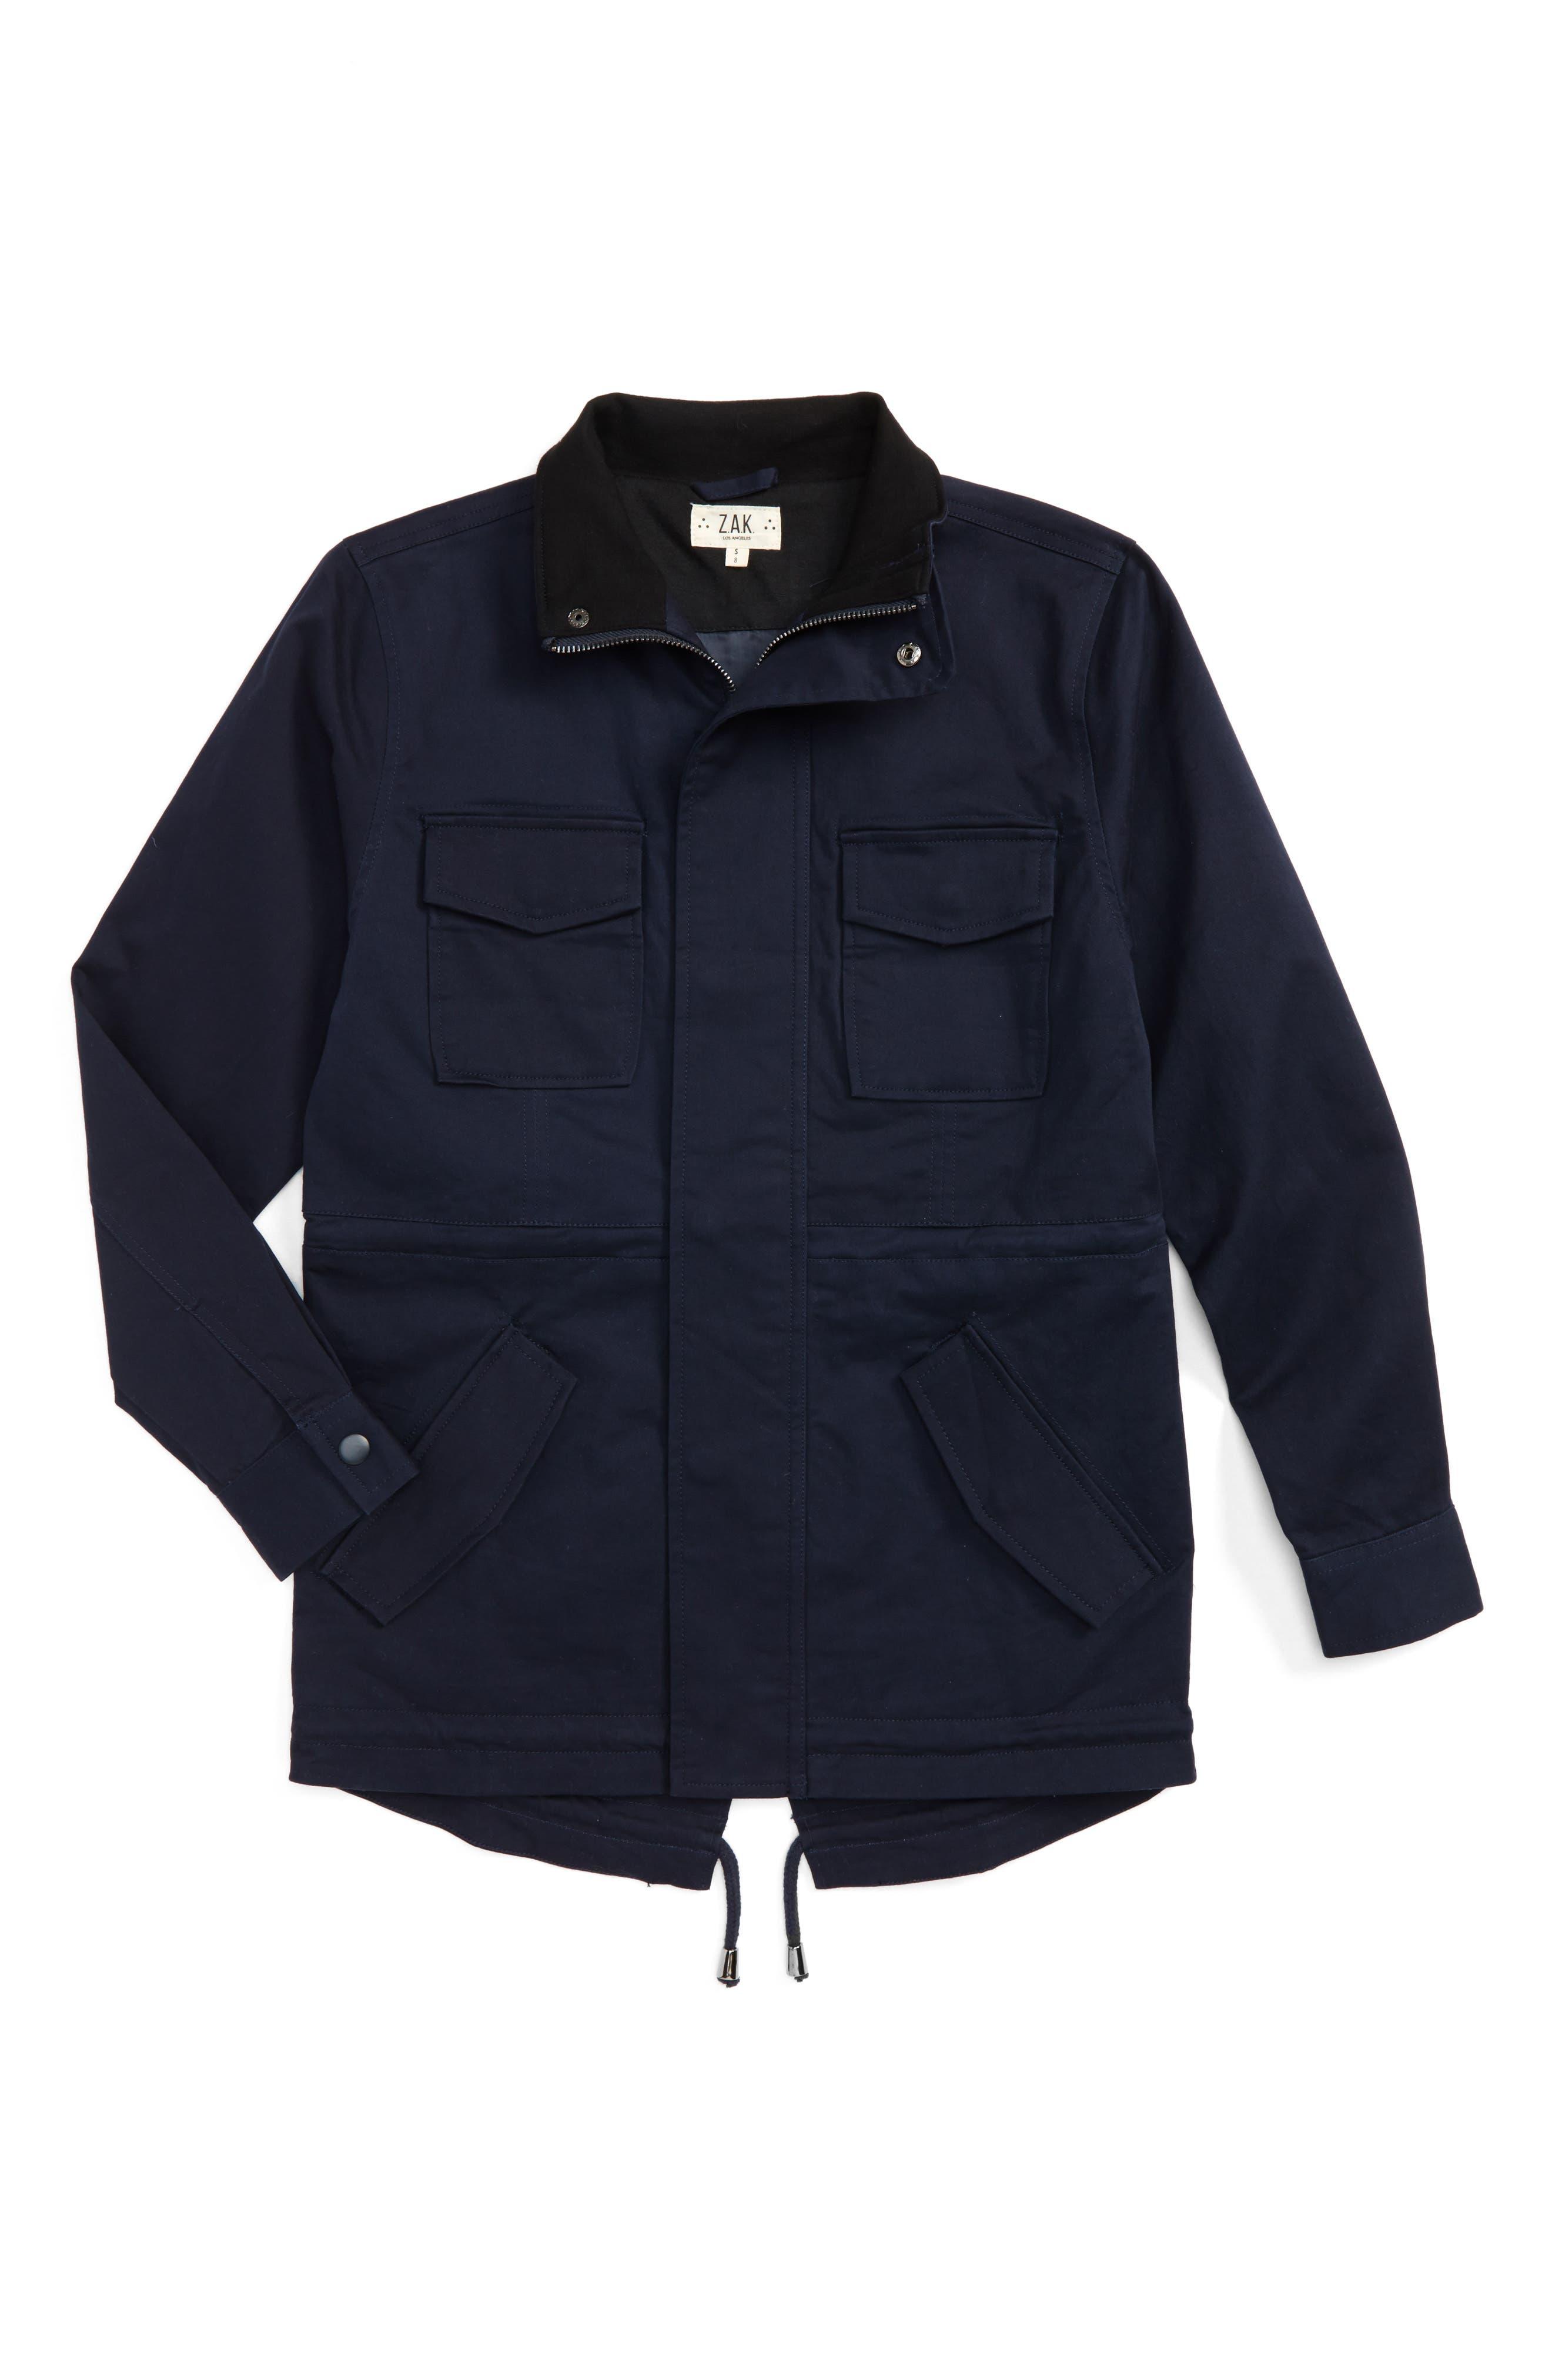 Z.A.K. BRAND Storm Jacket, Main, color, NAVY